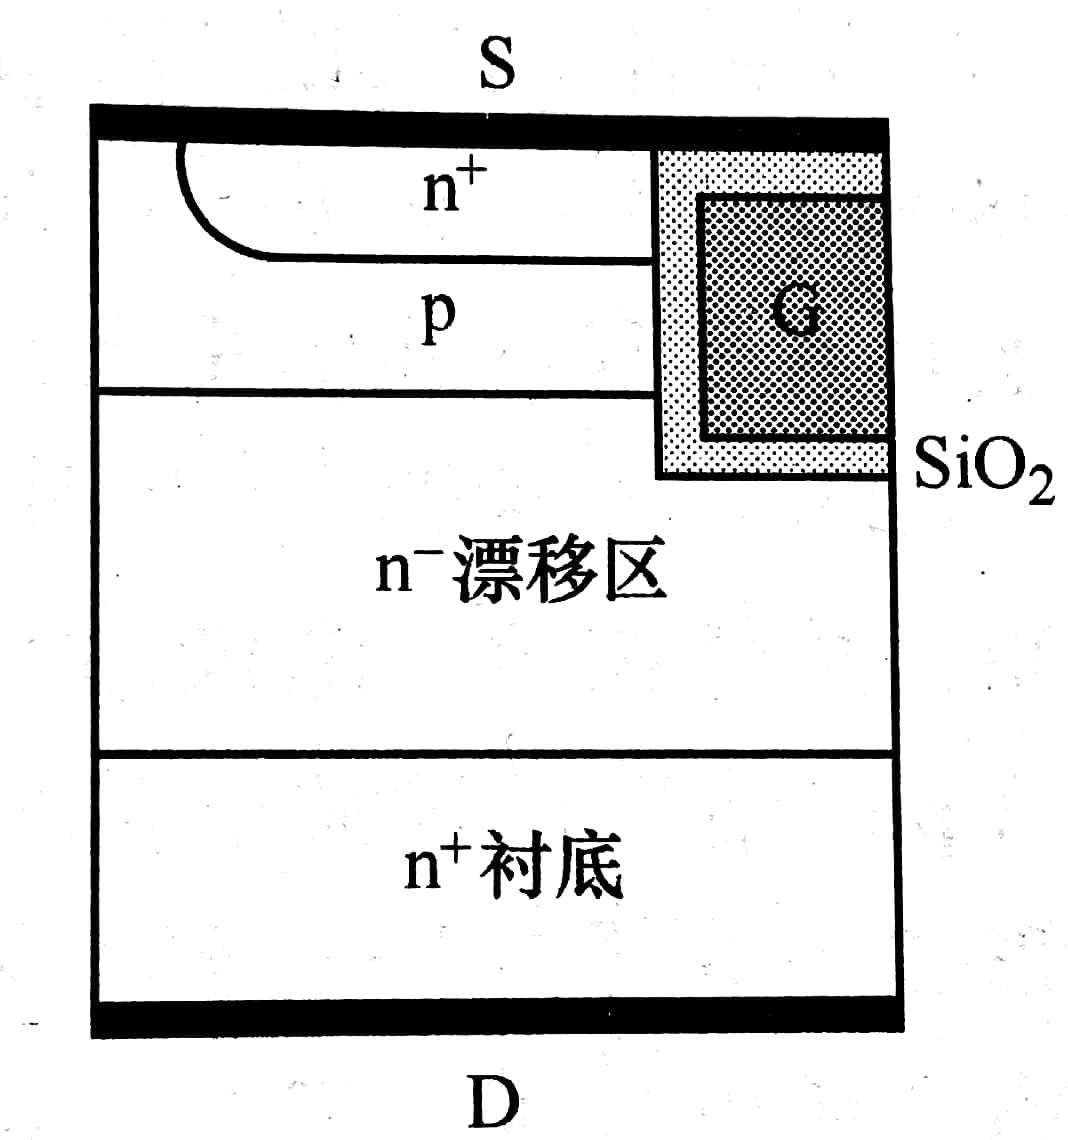 图2 槽栅IGBT的栅极结构